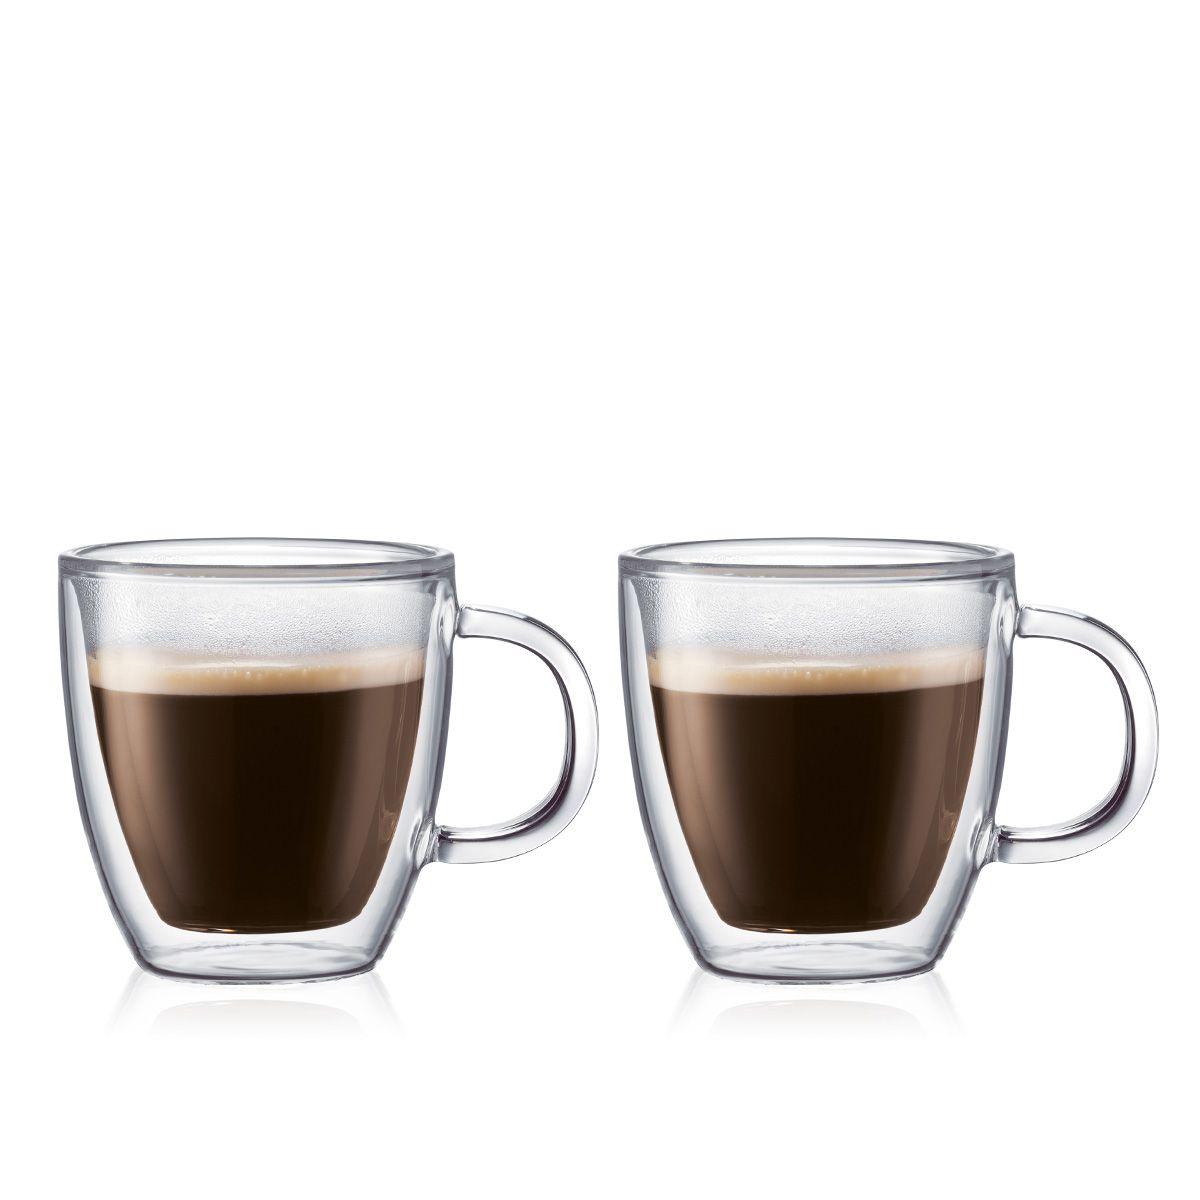 Espresso Cup BISTRO - 2 Pieces Set 0.15 L